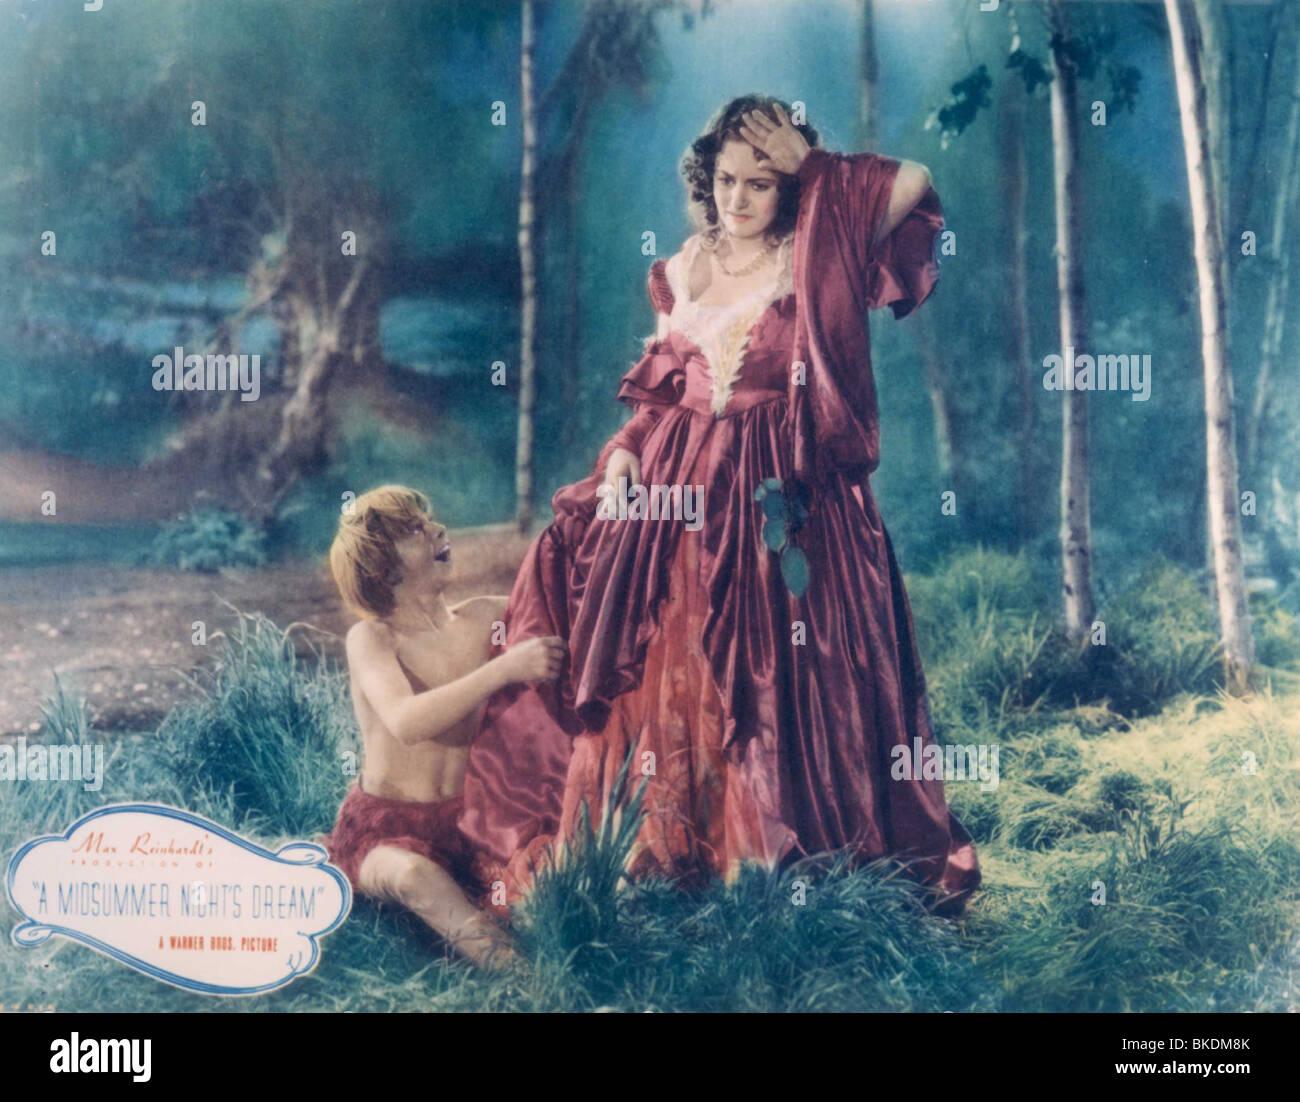 A MIDSUMMER NIGHT'S DREAM (1935) MICKEY ROONEY, OLIVIA DE ...